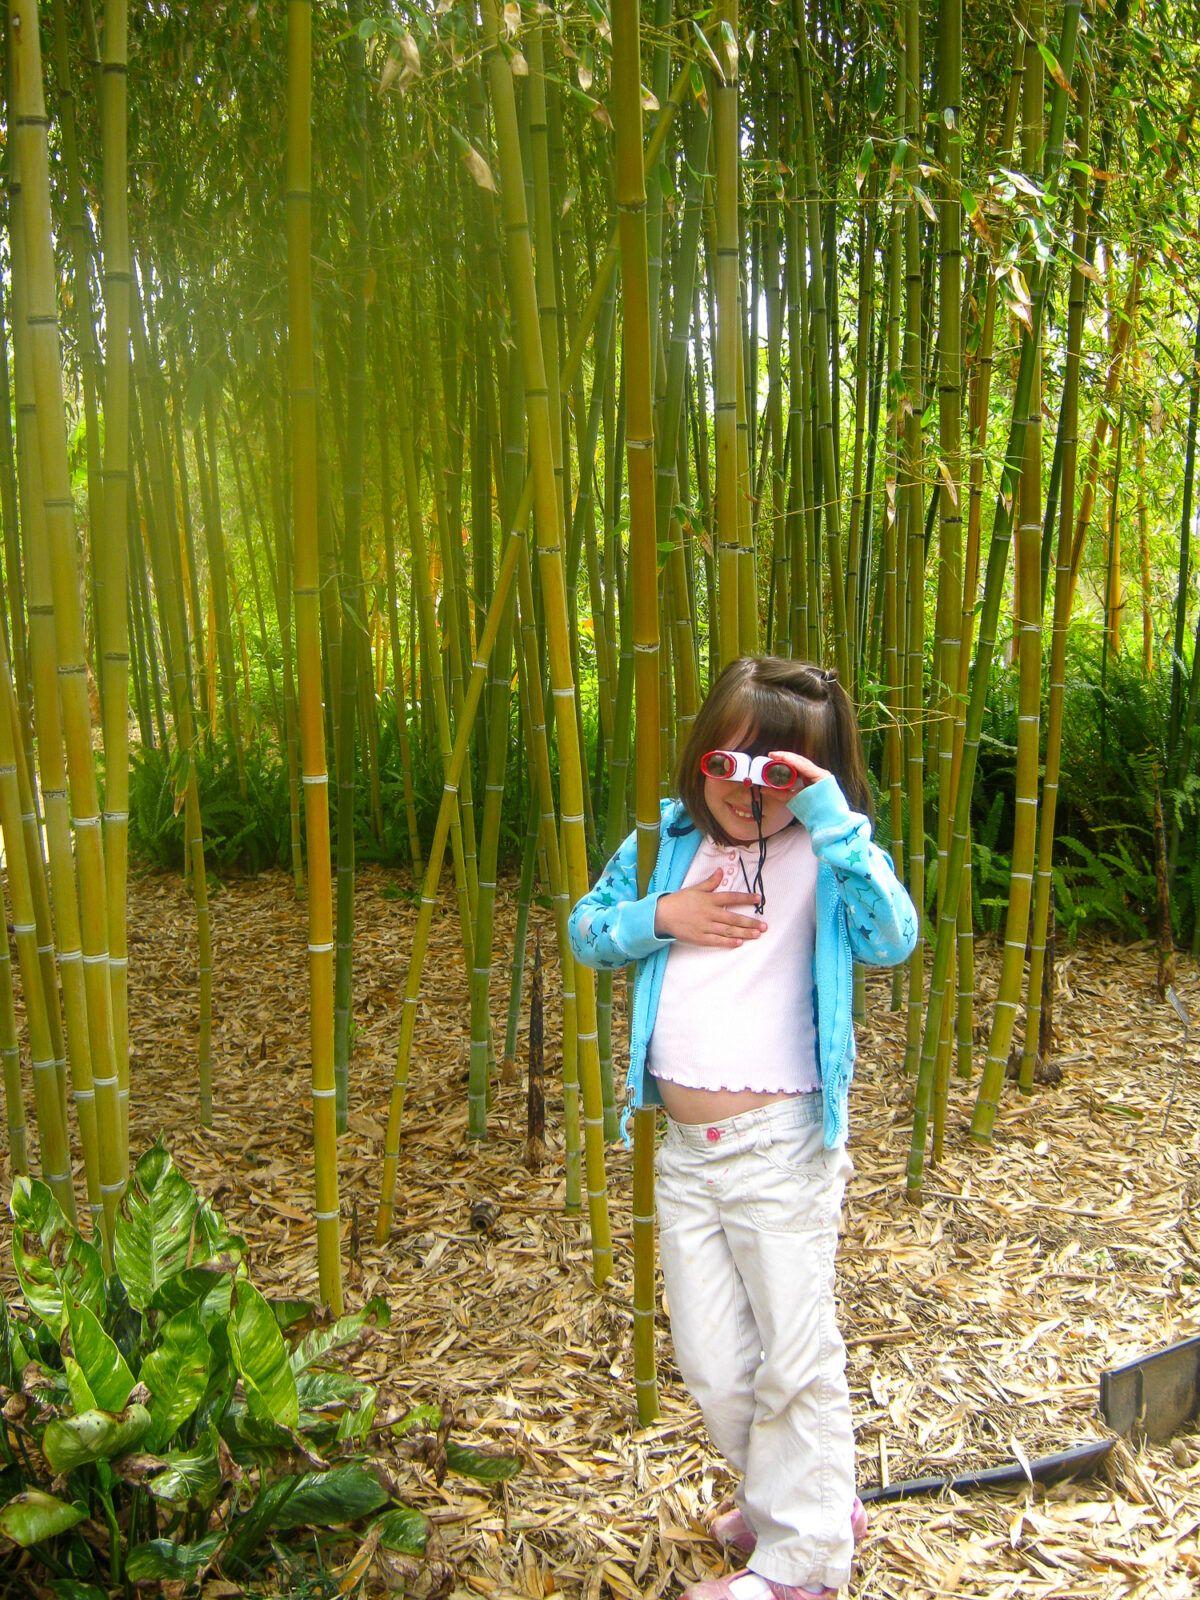 Little girl in the Bamboo Garden, San Diego Botanic Garden